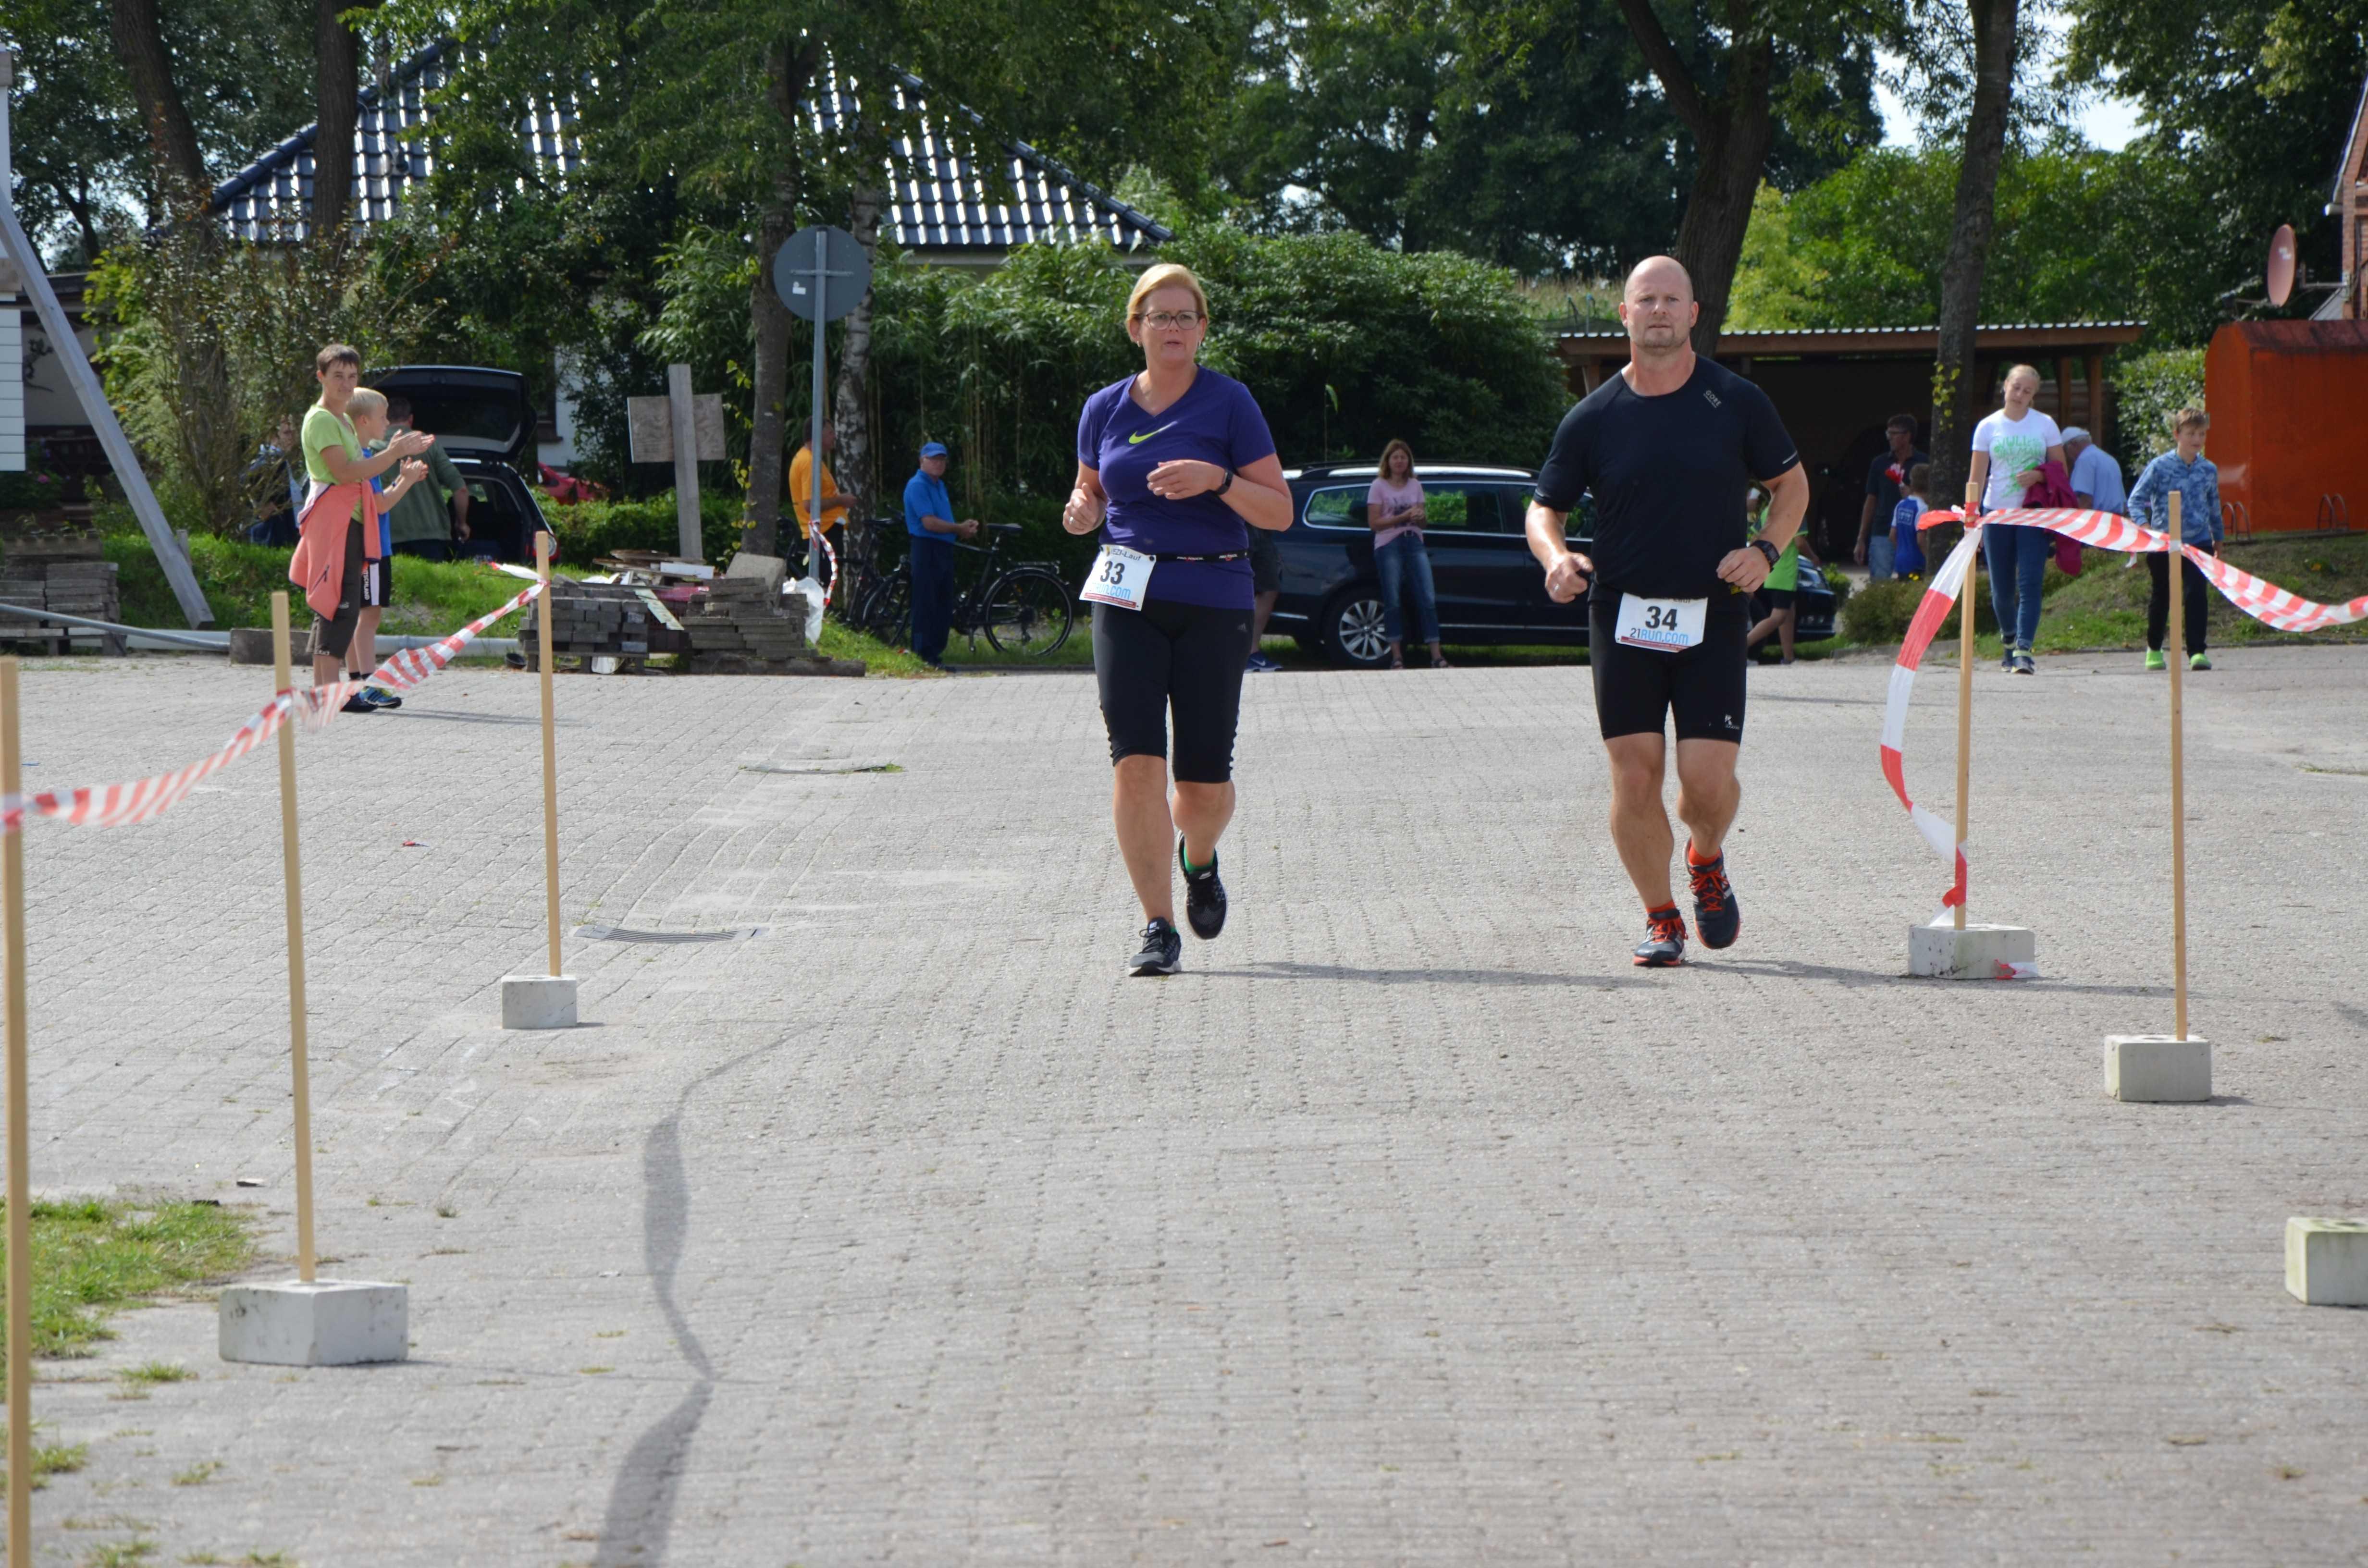 2017-08-05 Vezi Lauf (15)